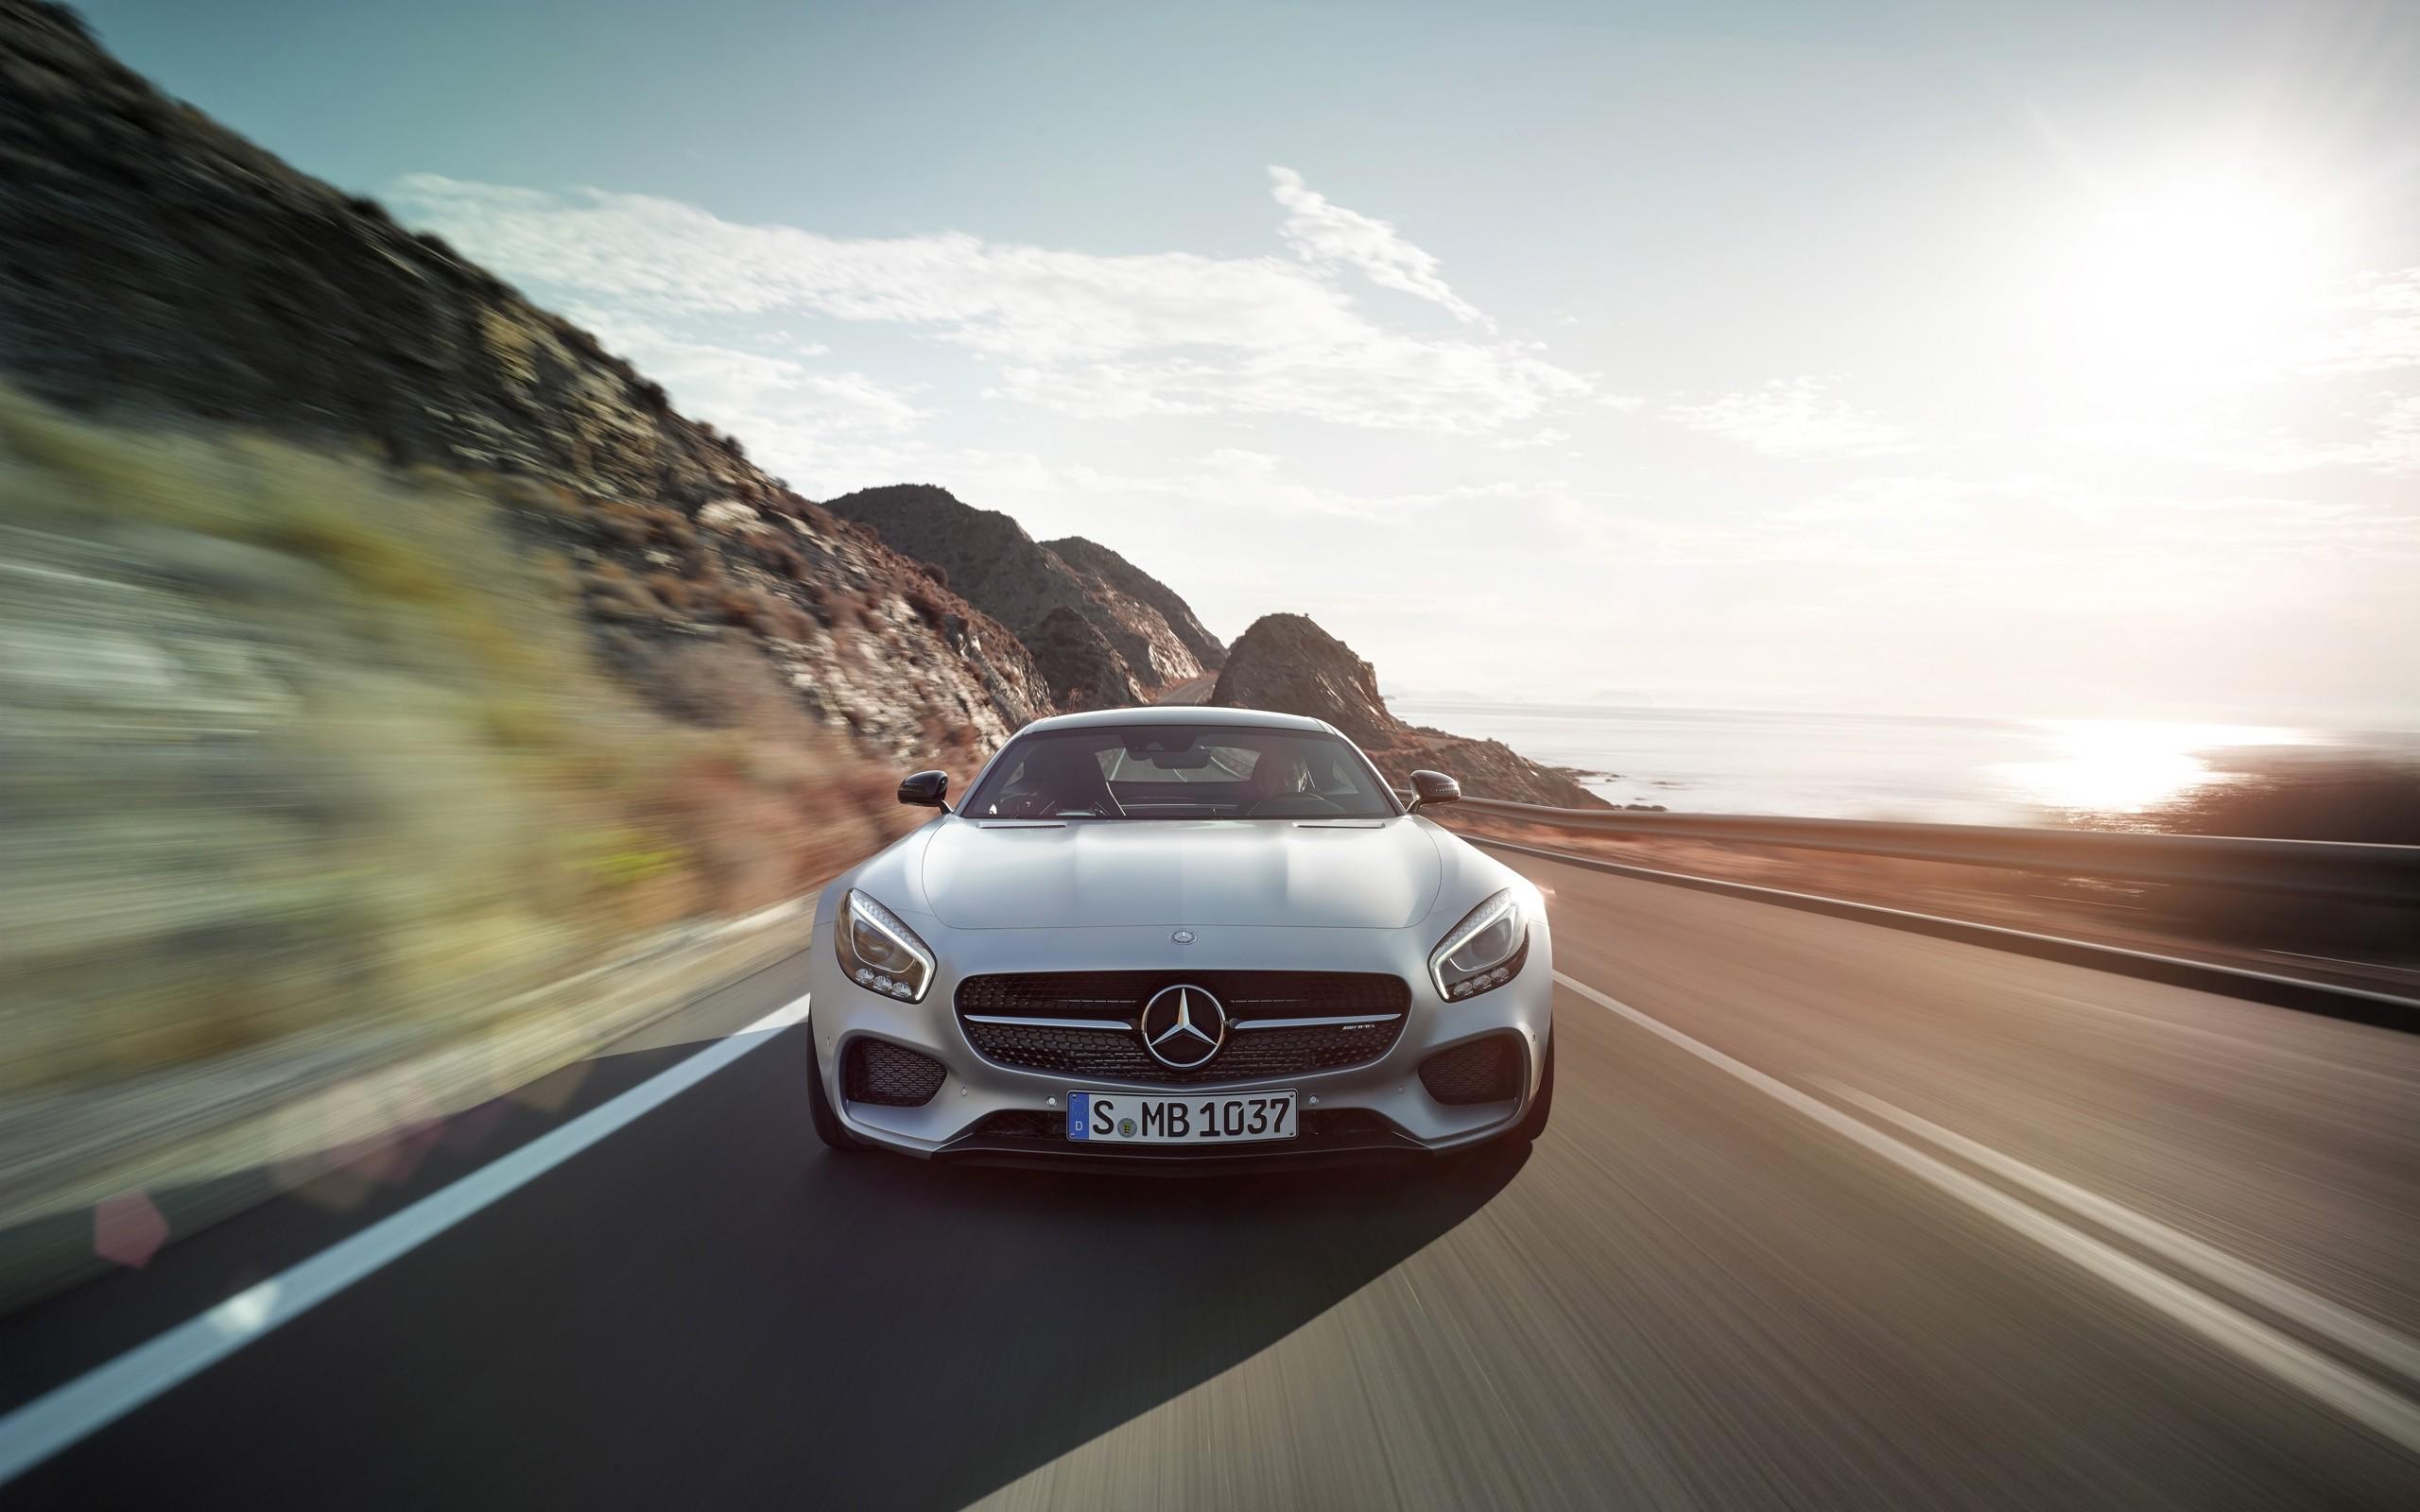 2015 Mercedes Amg Gt Iridium Silver Magno 2 Wallpaper Hd